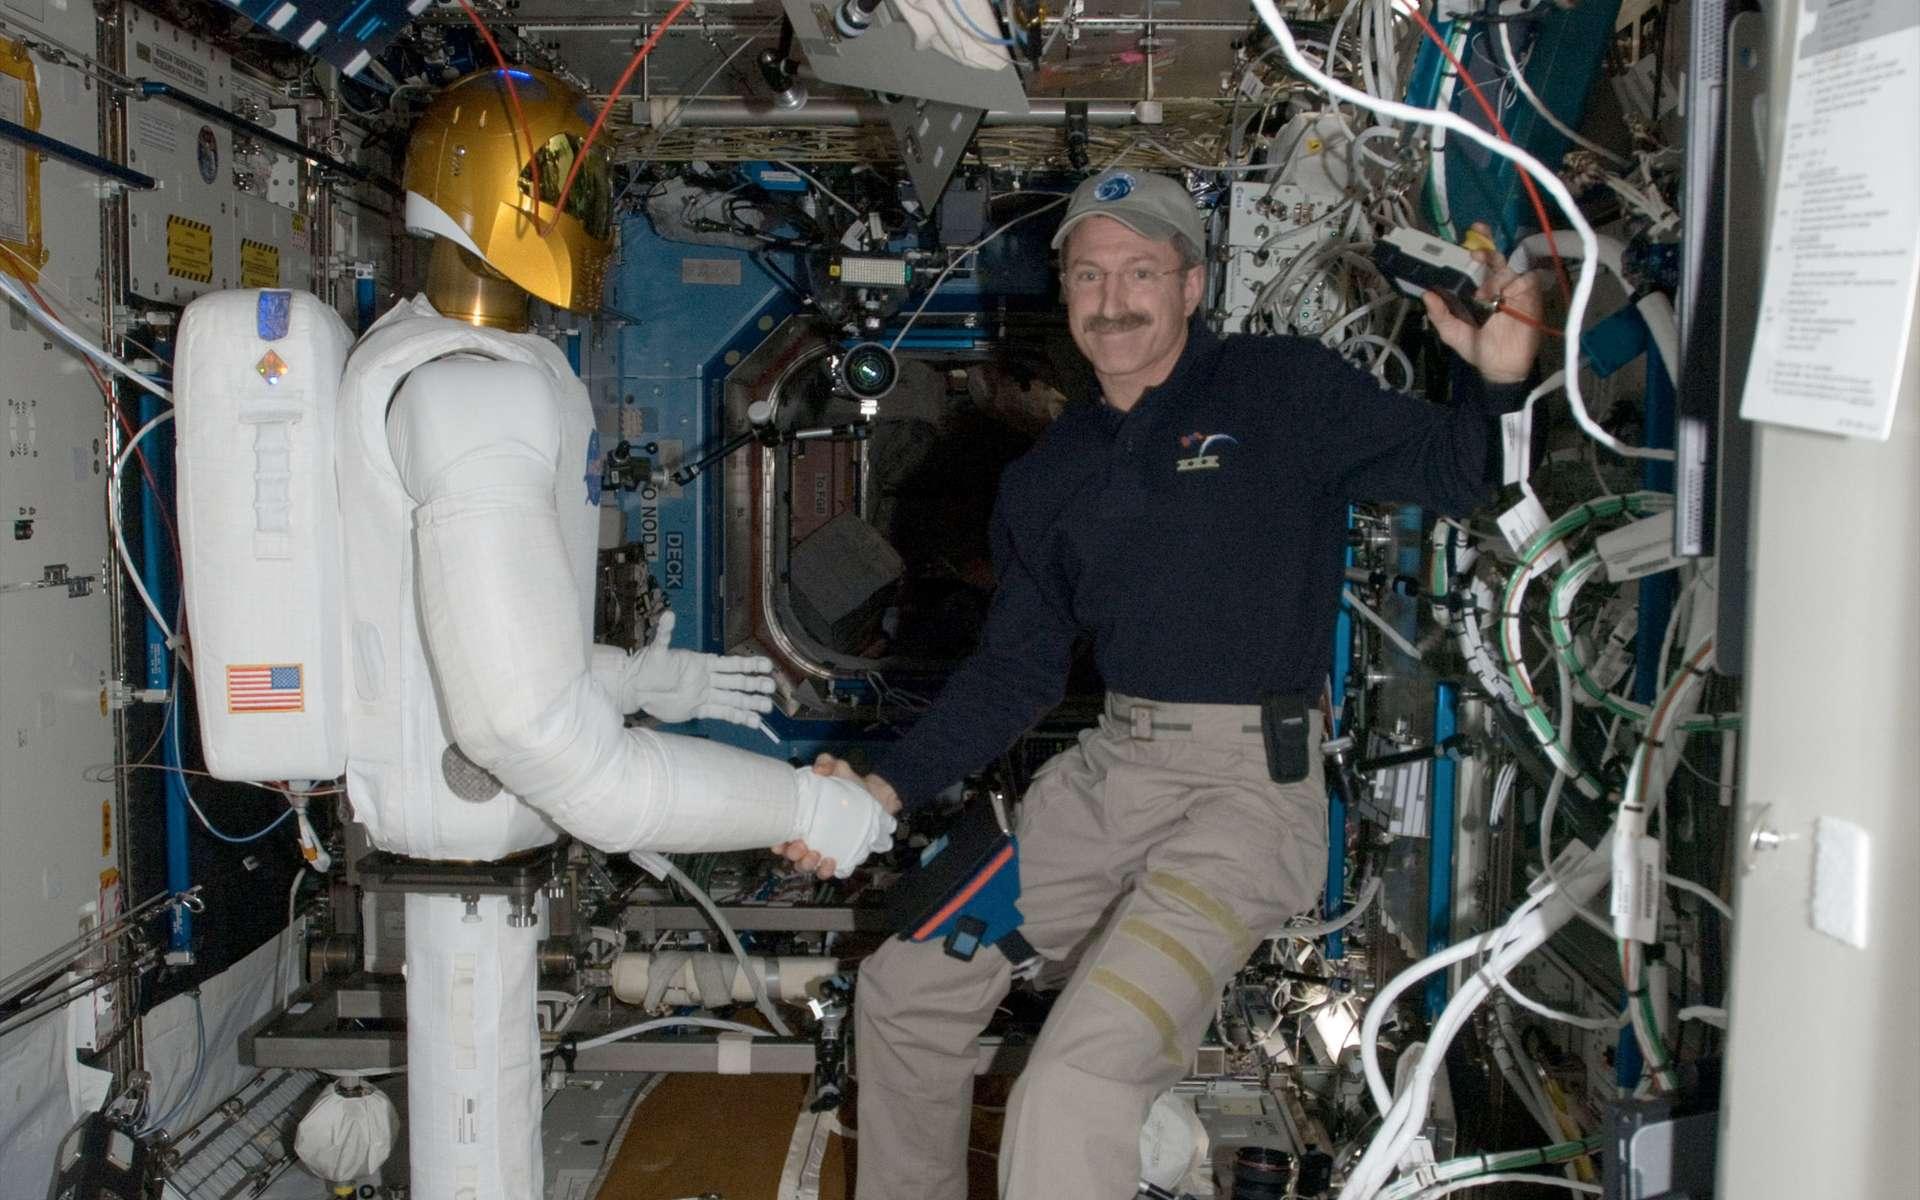 Première poignée de main entre Robonaut 2 et Dan Burbank, le commandant d'Expedition 30, à bord de la Station spatiale internationale. © Nasa